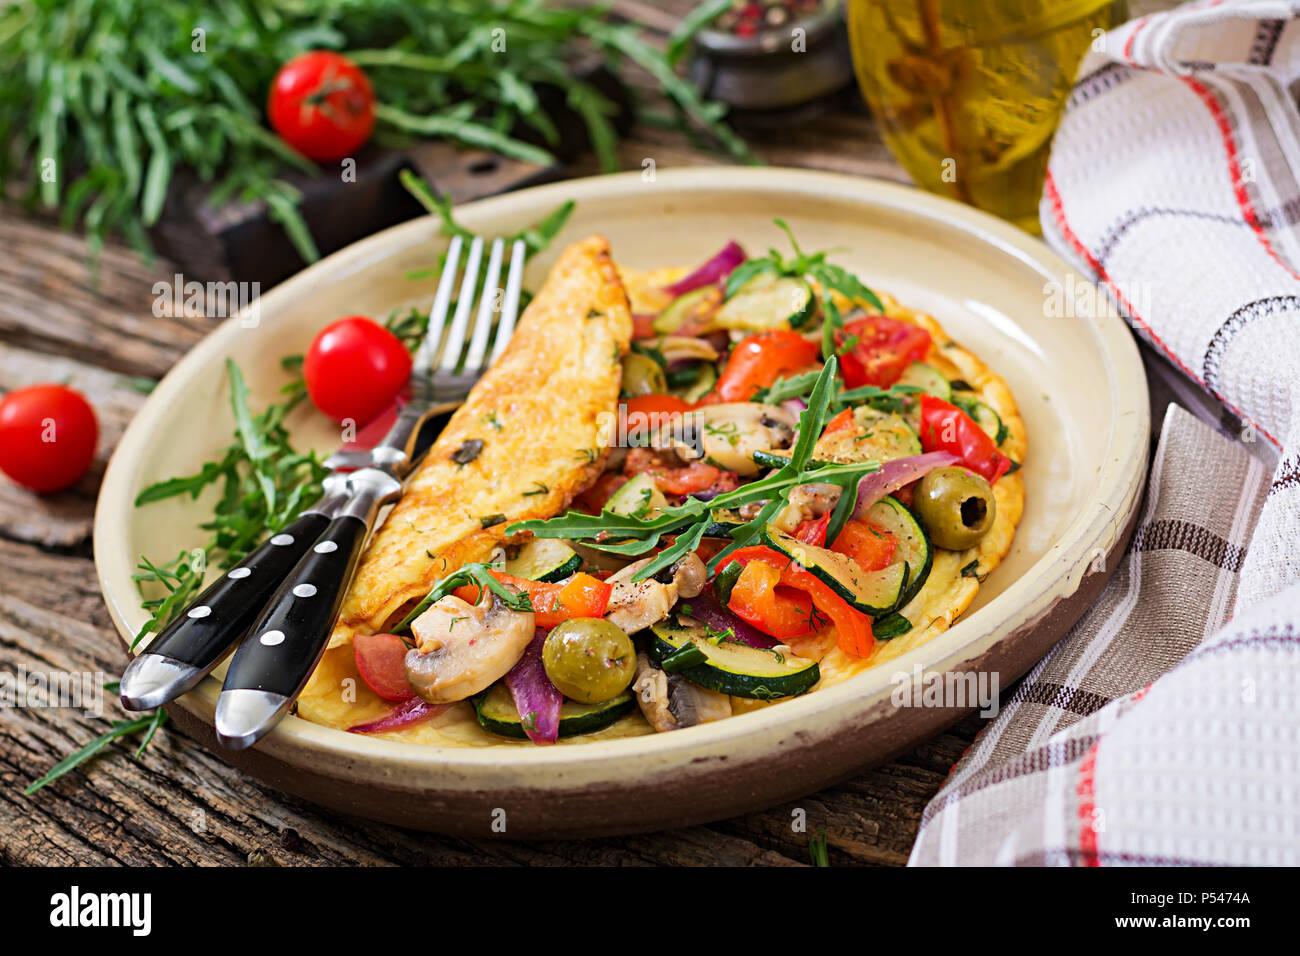 Frittata con pomodori, zucchine e funghi. La frittata prima colazione. Cibo sano. Immagini Stock